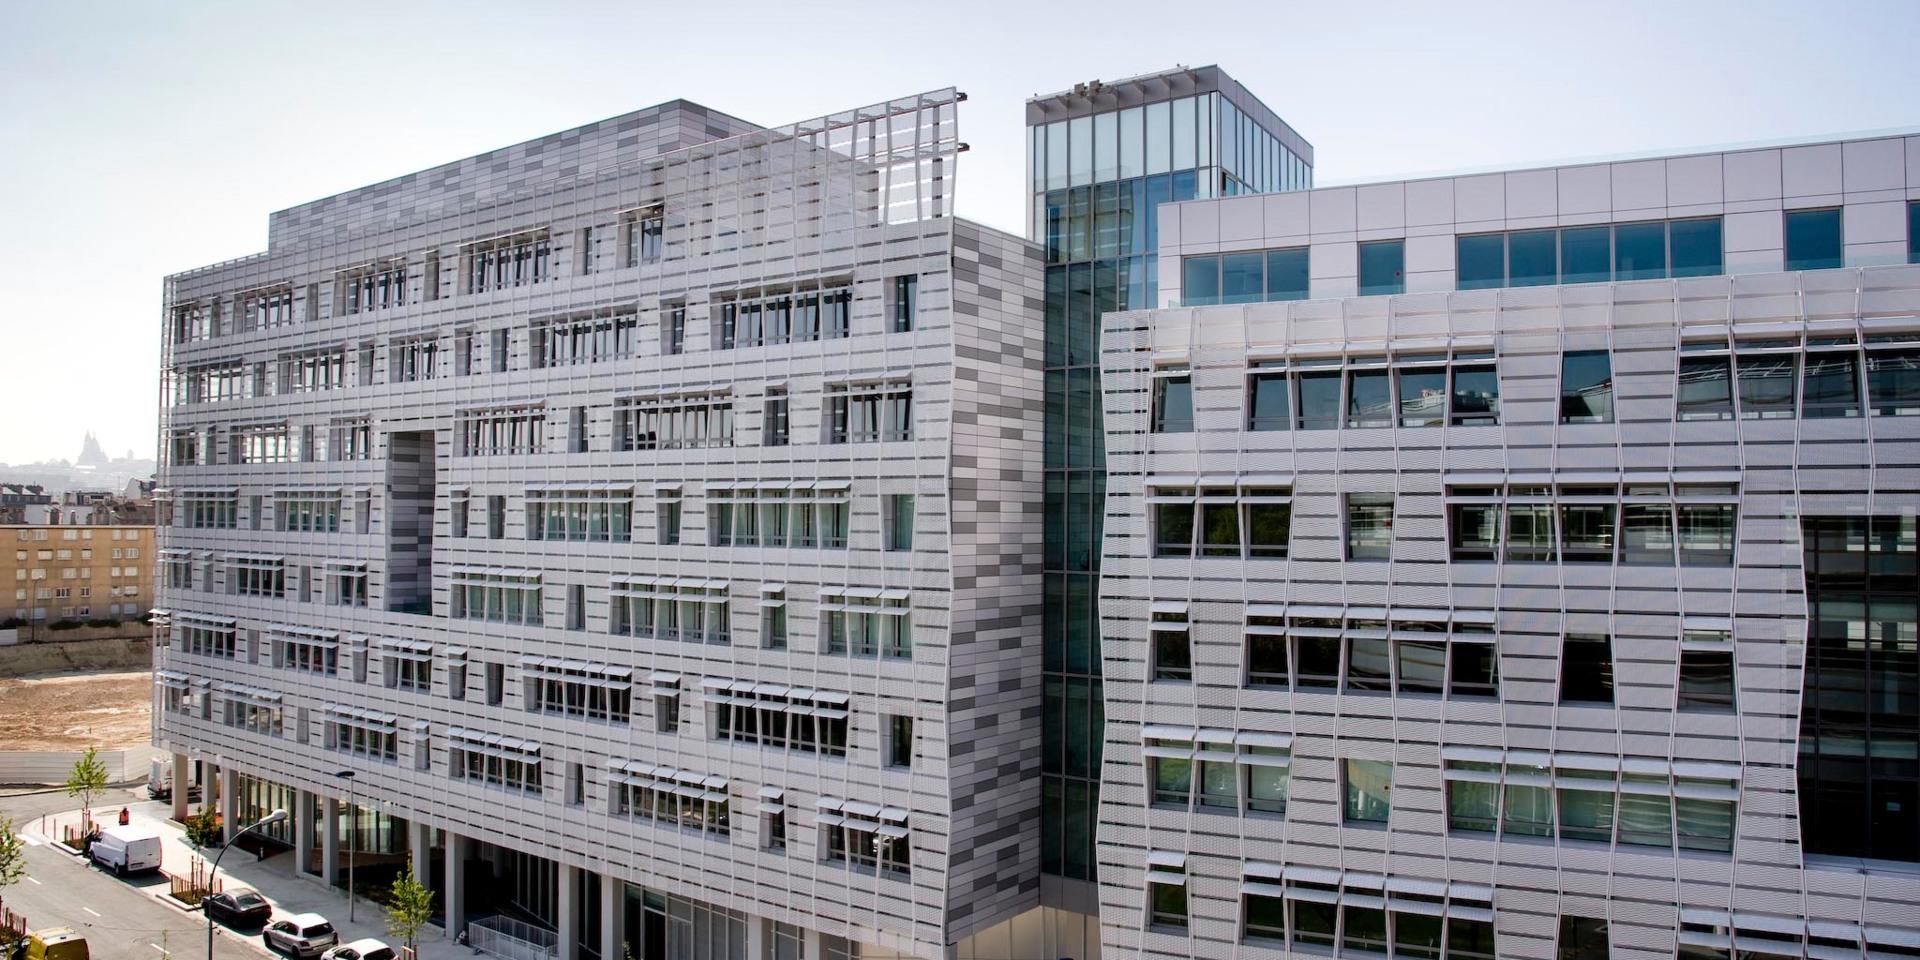 L'immeuble Influence à Saint-Ouen, qui compose le siège de la Région IDF avec Influence 2.0, situé juste à côté. © Nexity